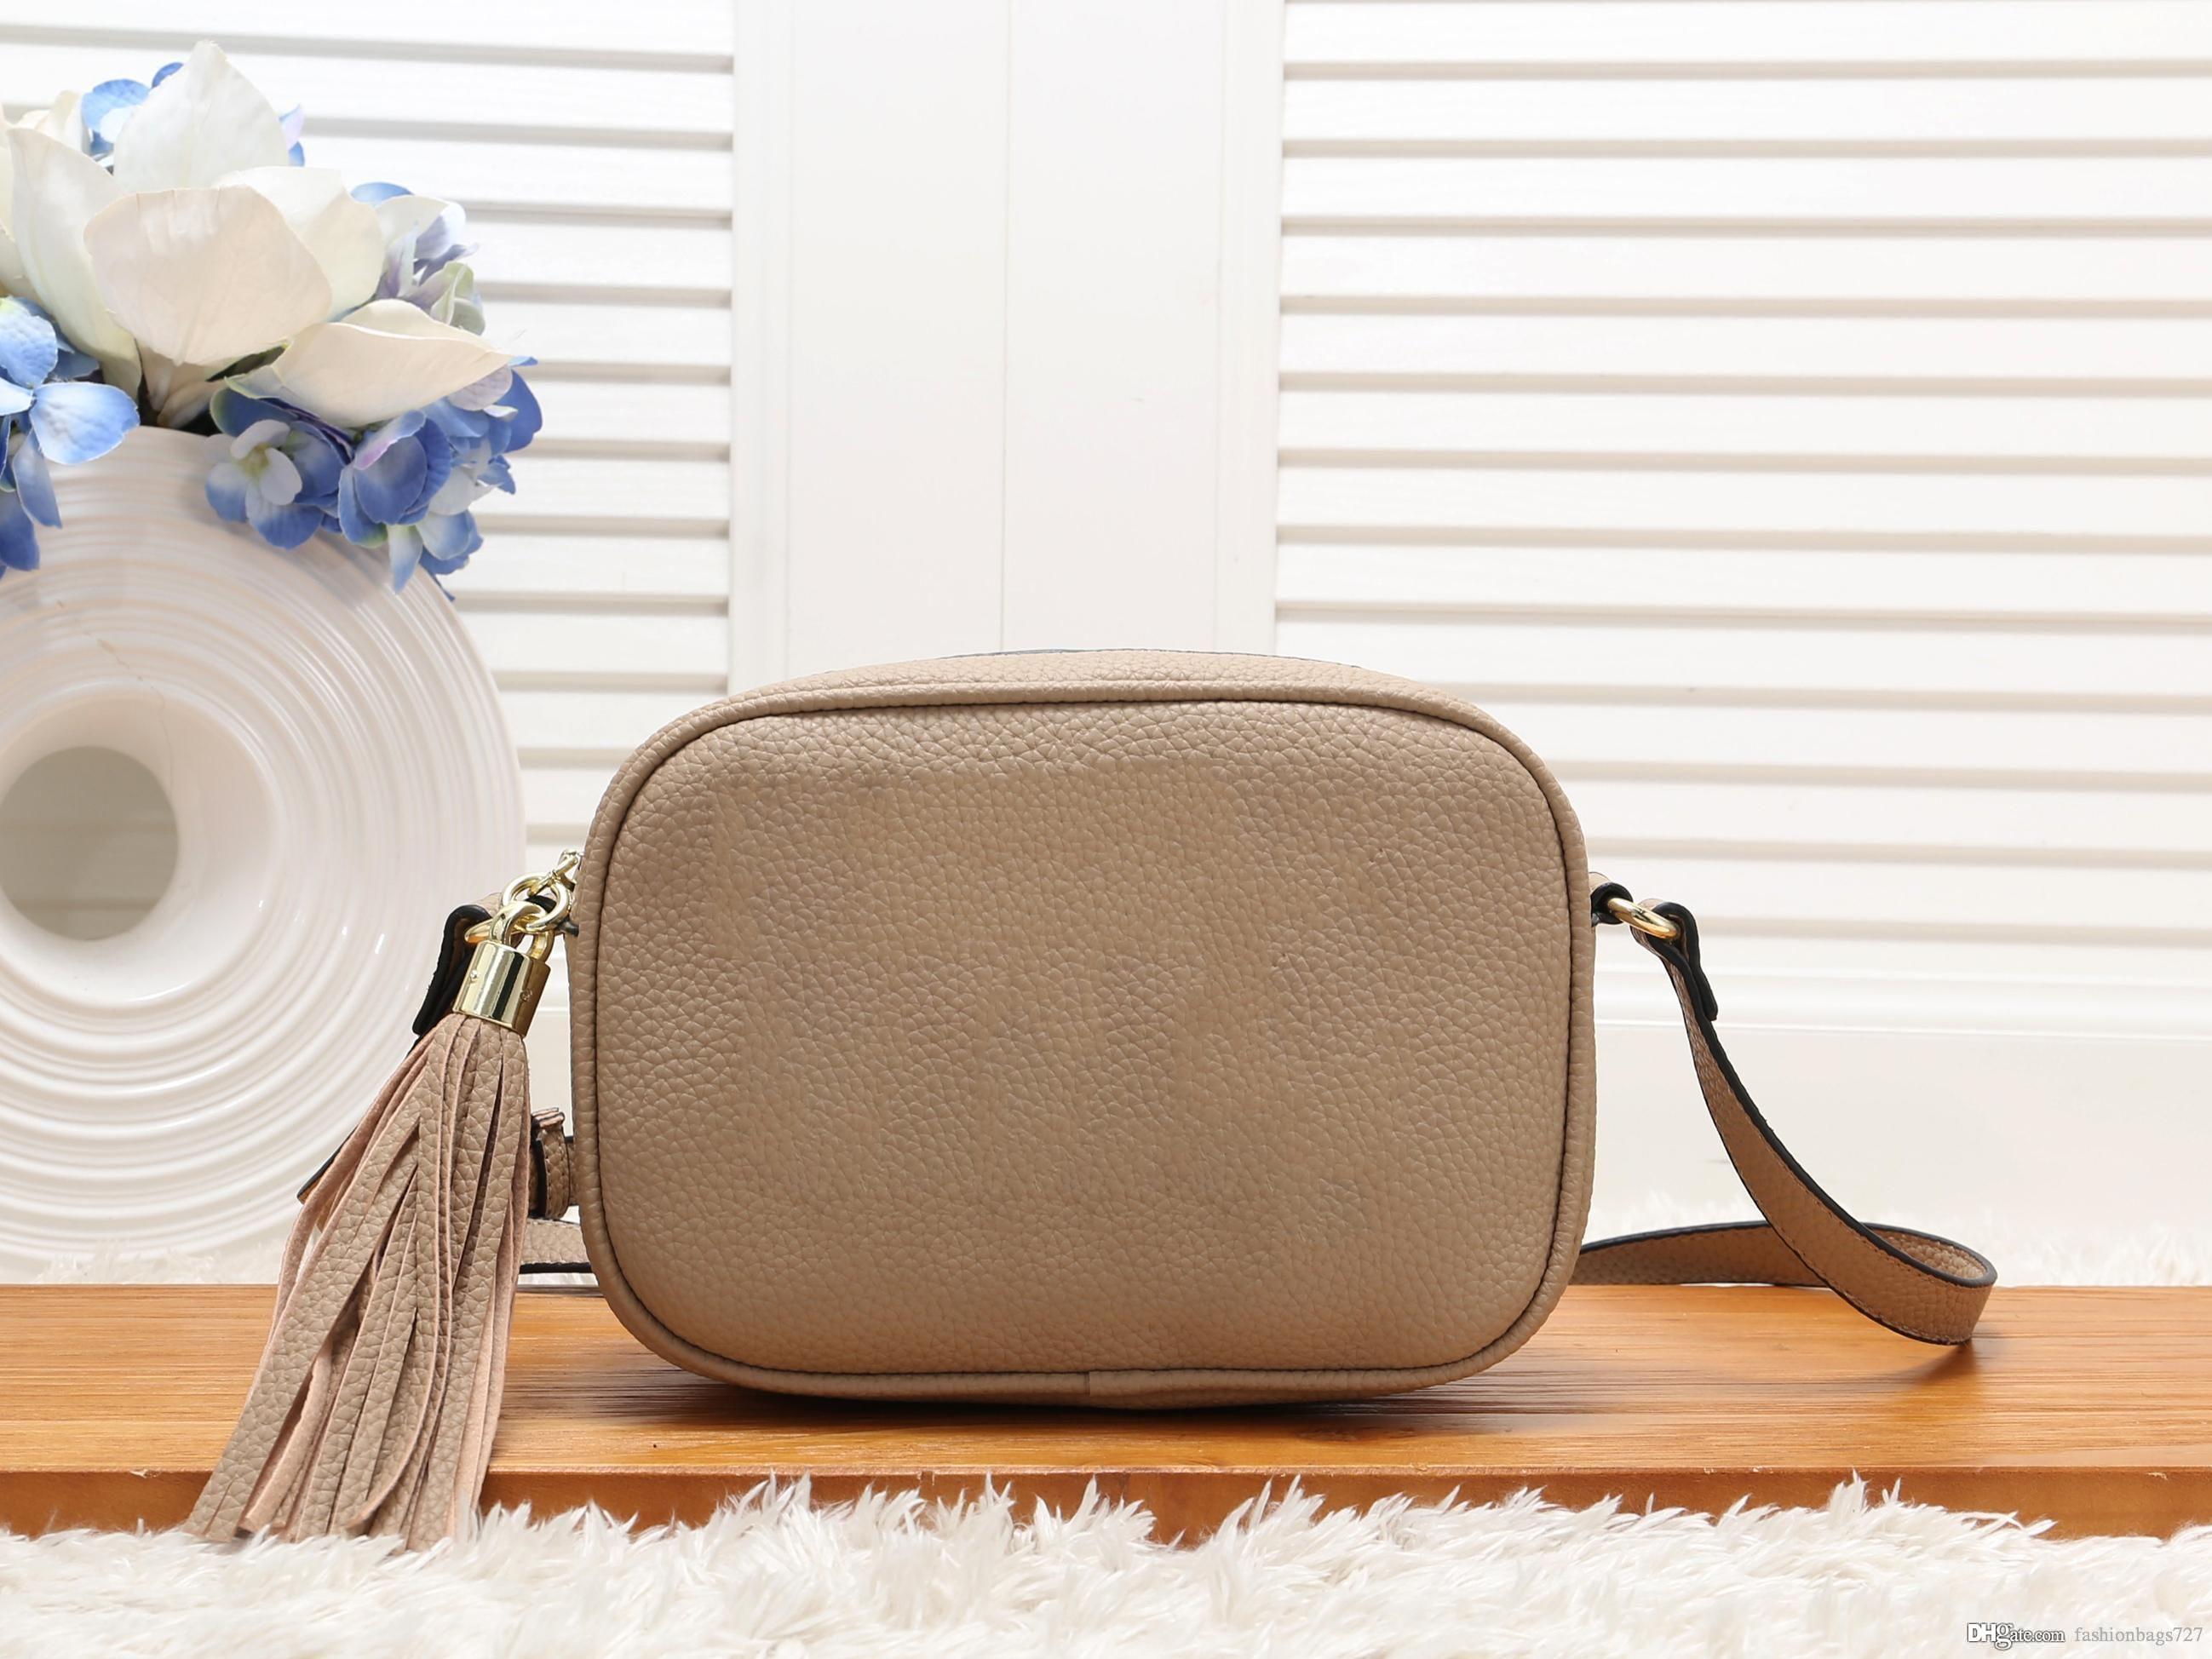 sac borsa Gucci Frauentaschen Brieftasche CD-Taschen GG Handtaschen Frauen weisefrauenentwerfers Leder Tassel Soho-Tasche Disco-Schulter-Beutel-Geldbeutel-Handtaschen Luxus-Desig